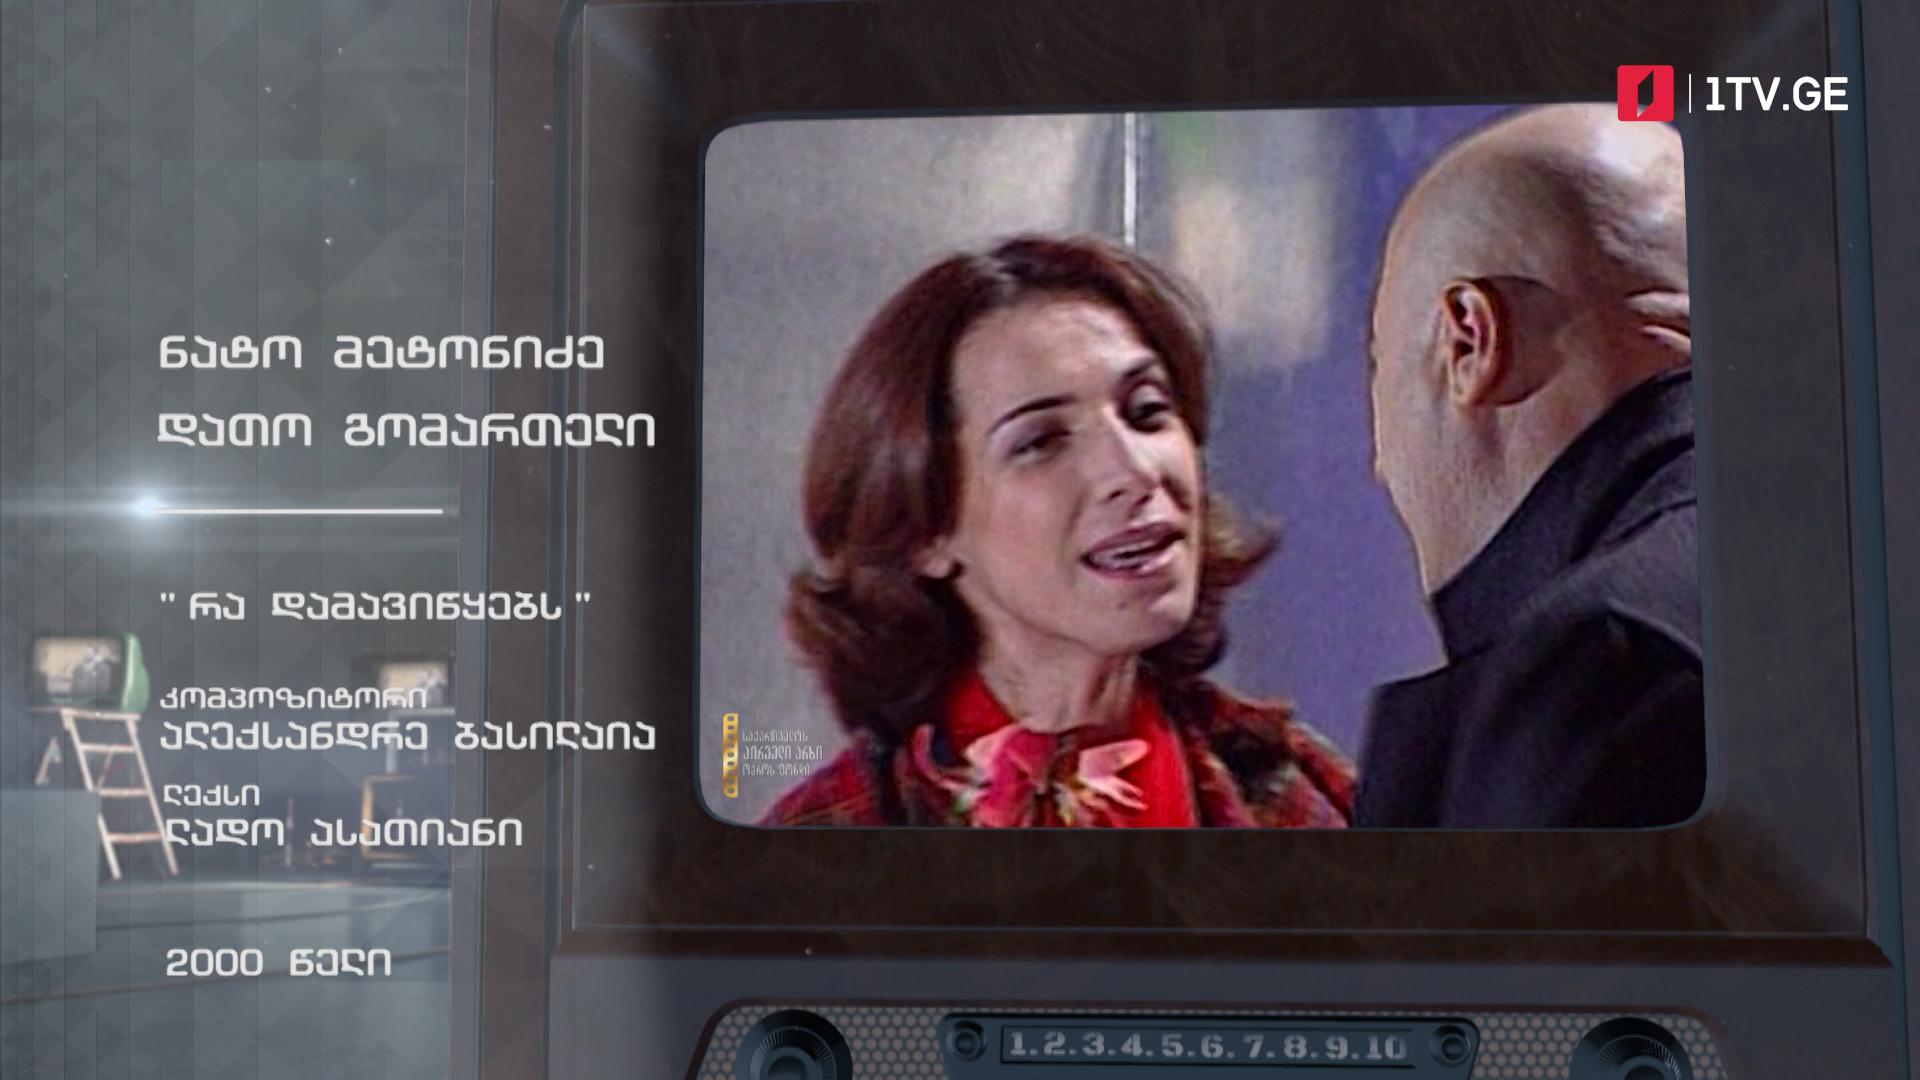 """#ტელემუზეუმი ნატო მეტონიძე და დათო გომართელი სიმღერით """"რა დამავიწყებს"""""""